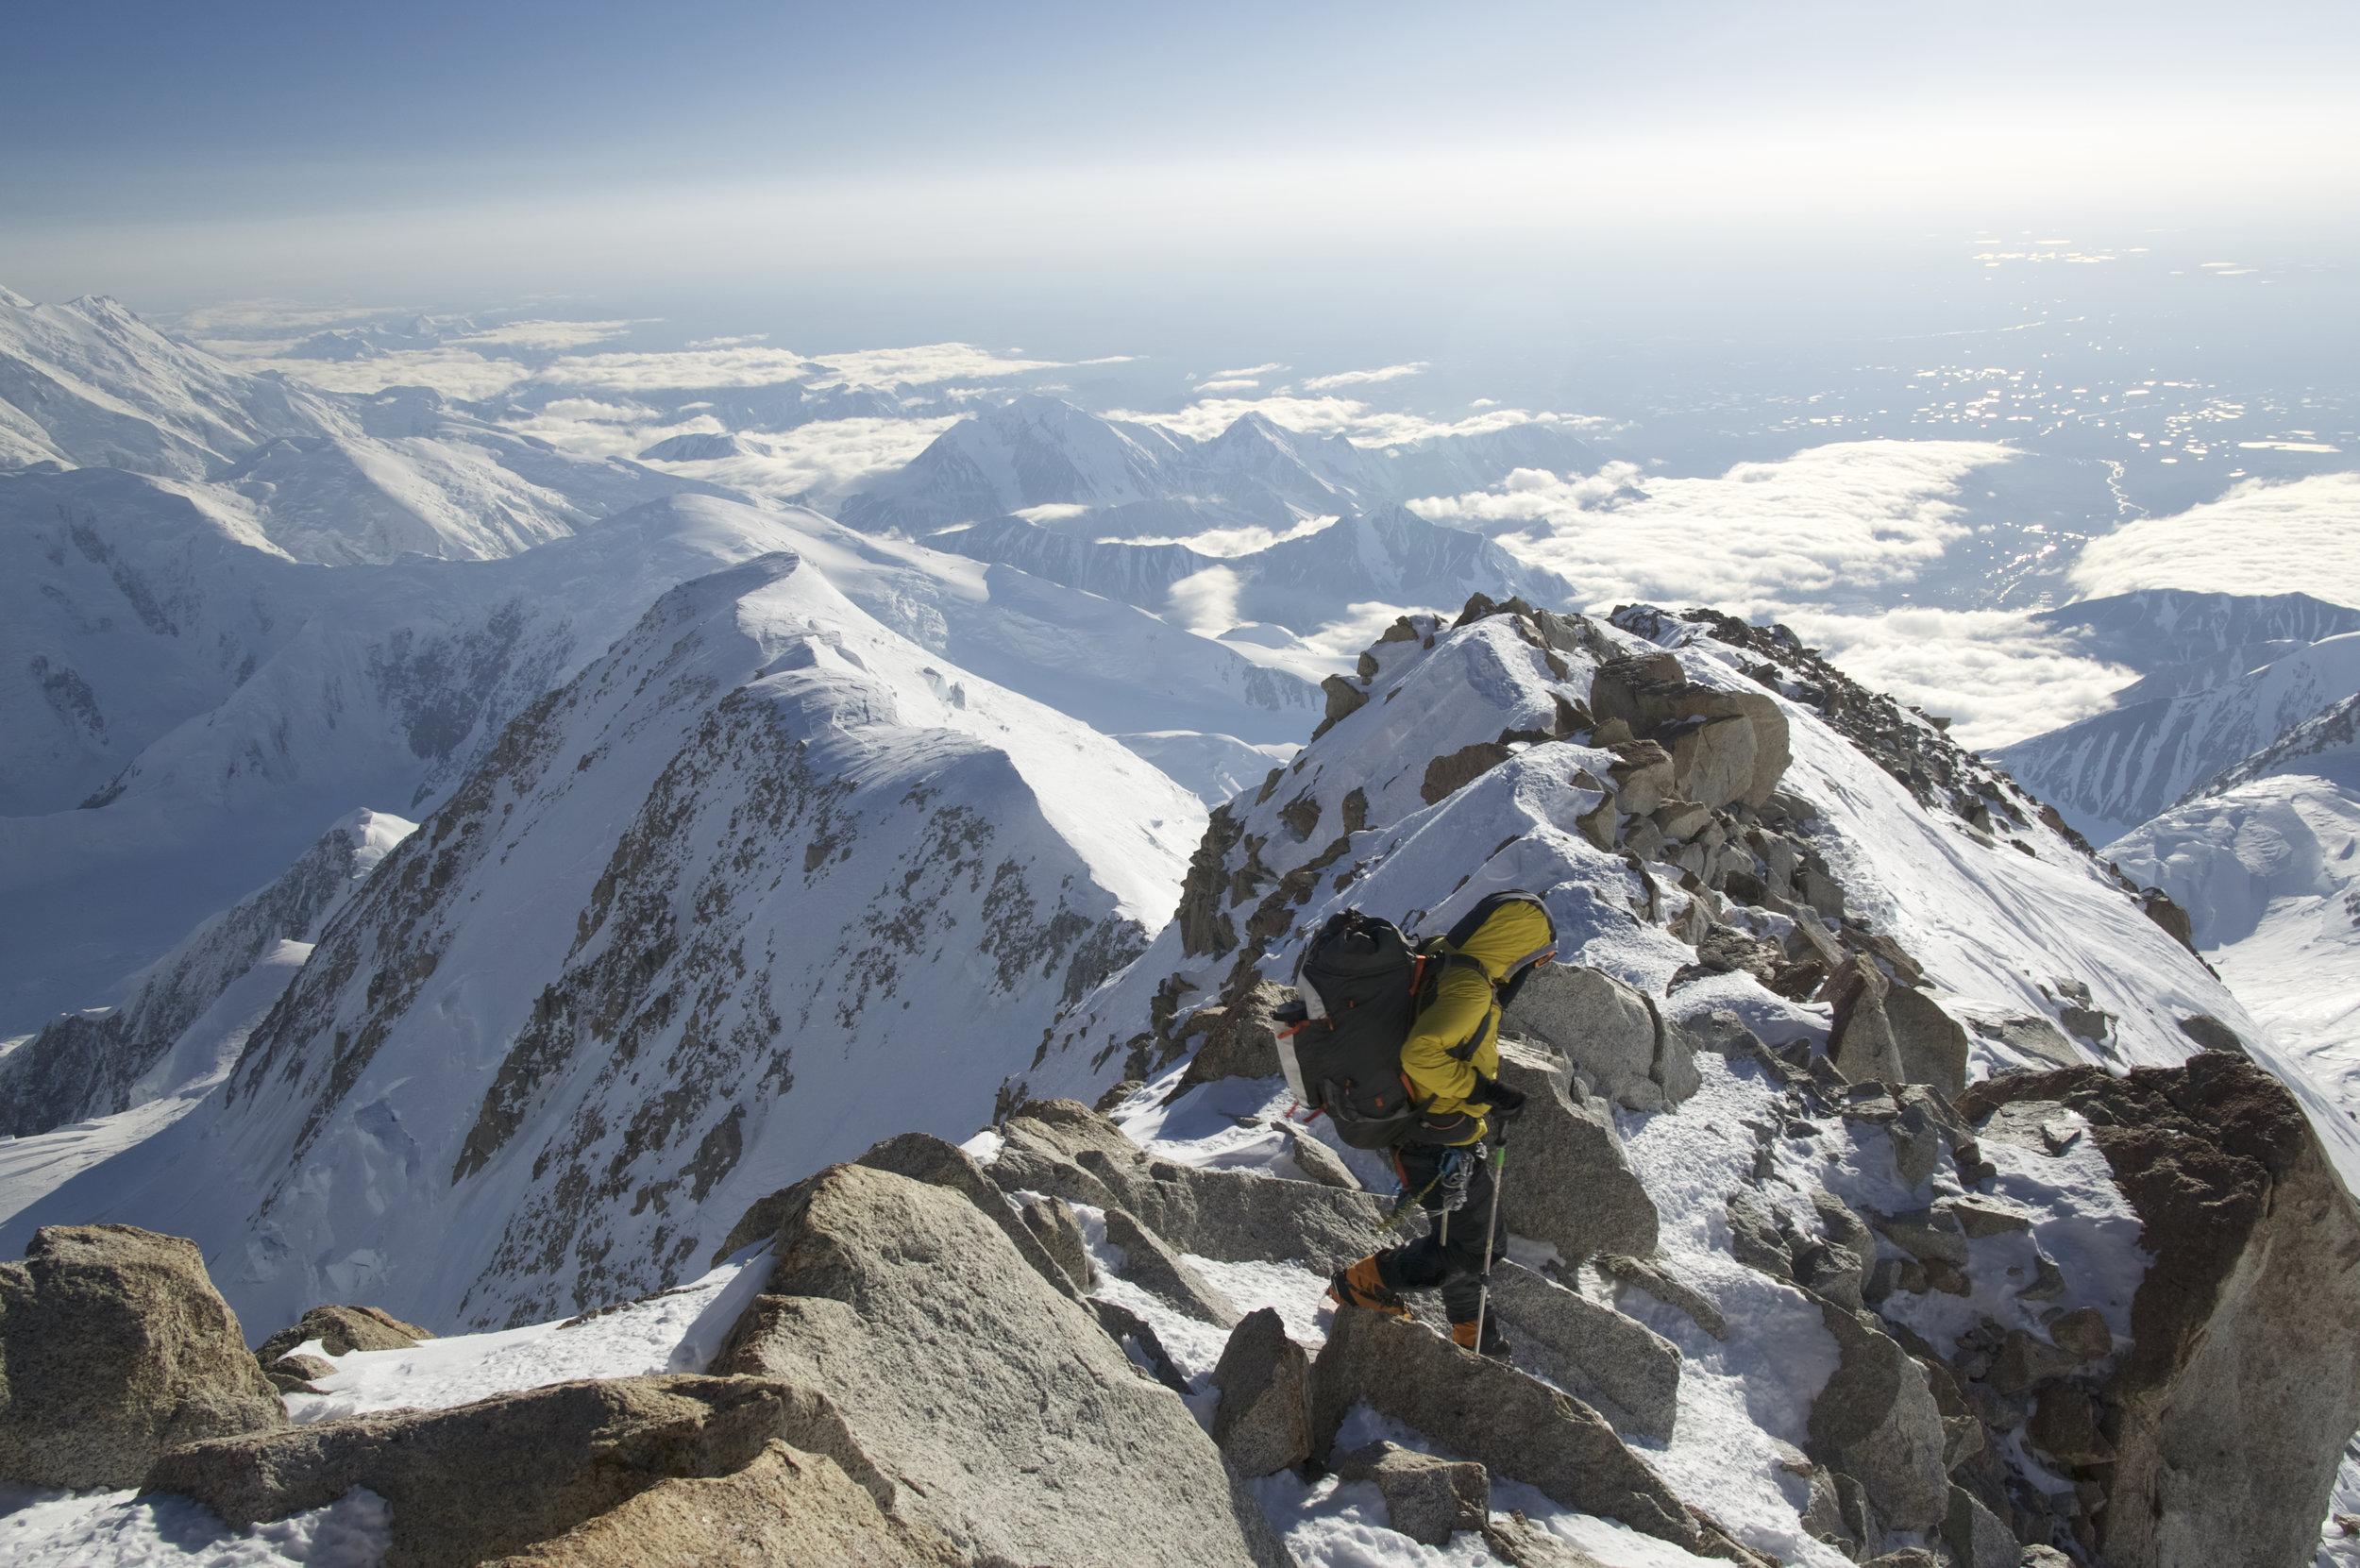 Descending Denali safely despite severe fatigue after 139 days of climbing.